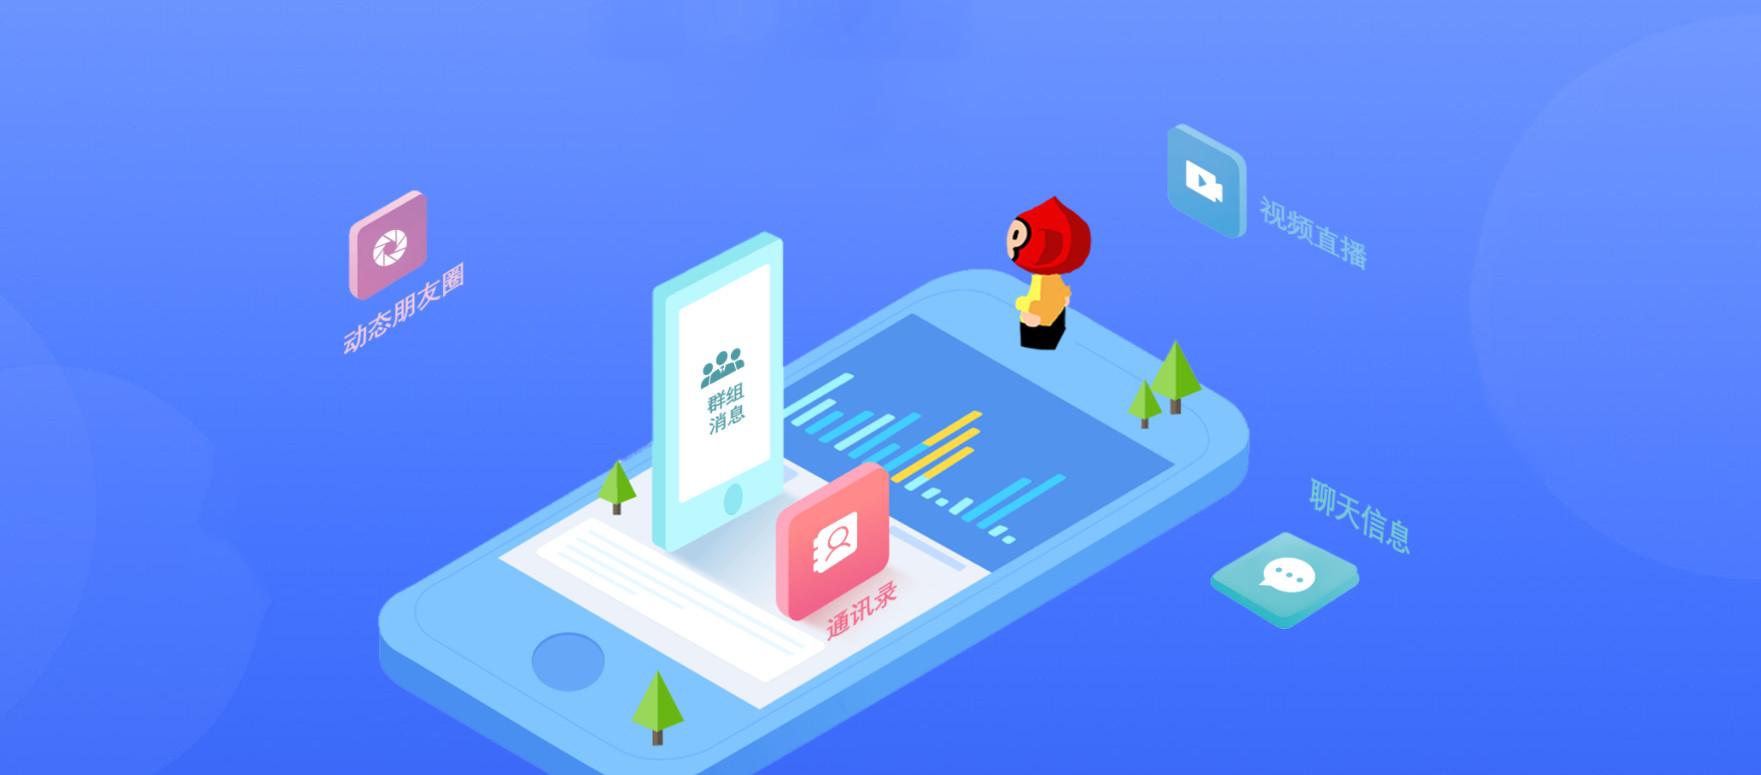 社交通讯软件